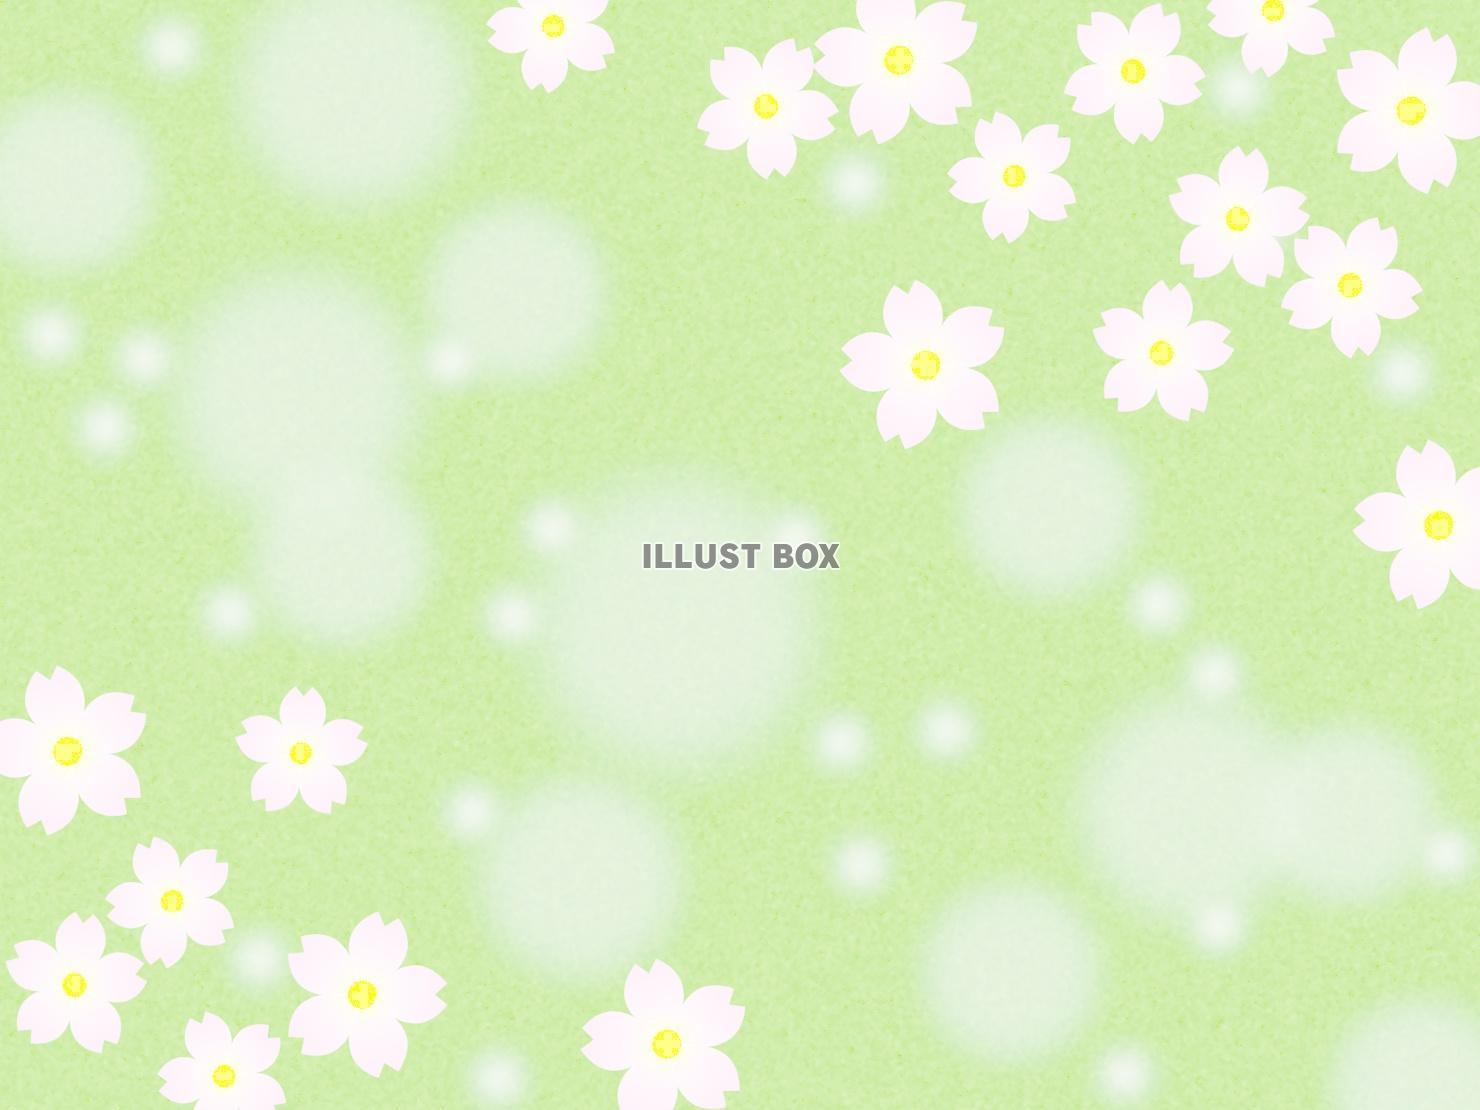 無料イラスト 桜の花模様の壁紙 パステルカラーの背景素材イラスト